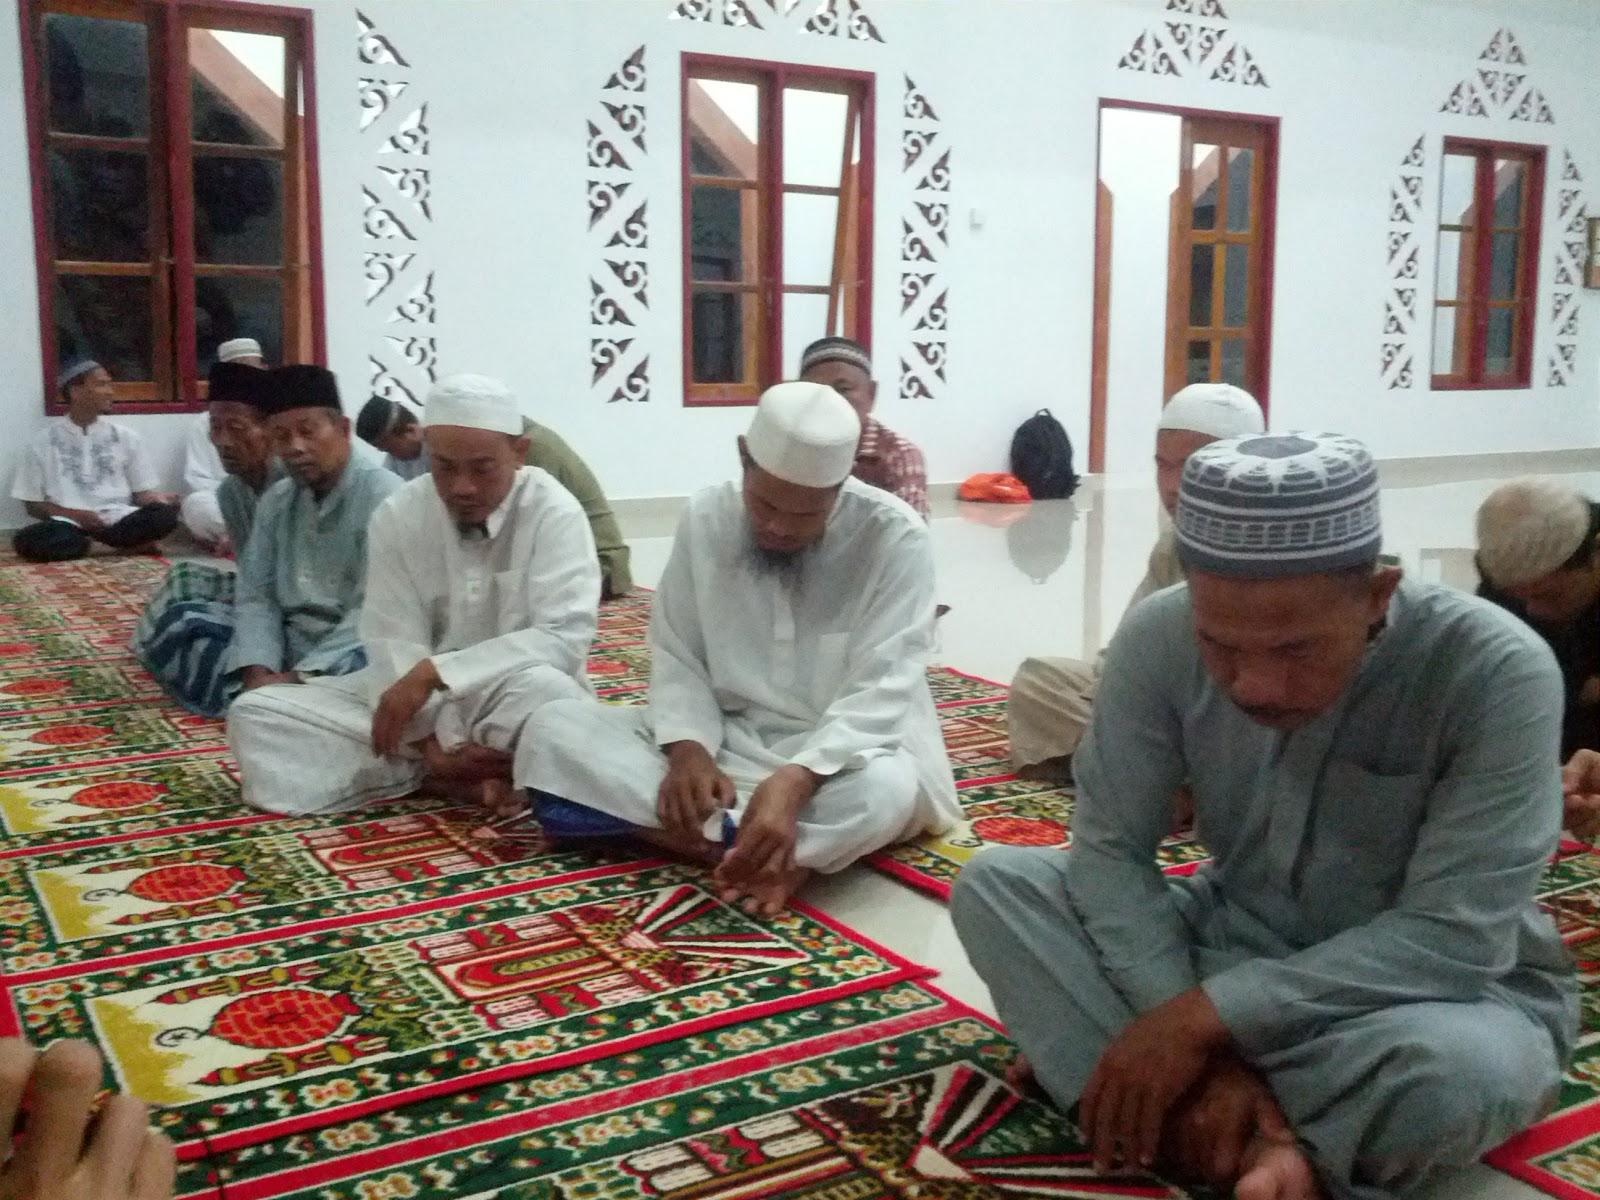 Subuh Keliling di Masjid Al-Hidayah